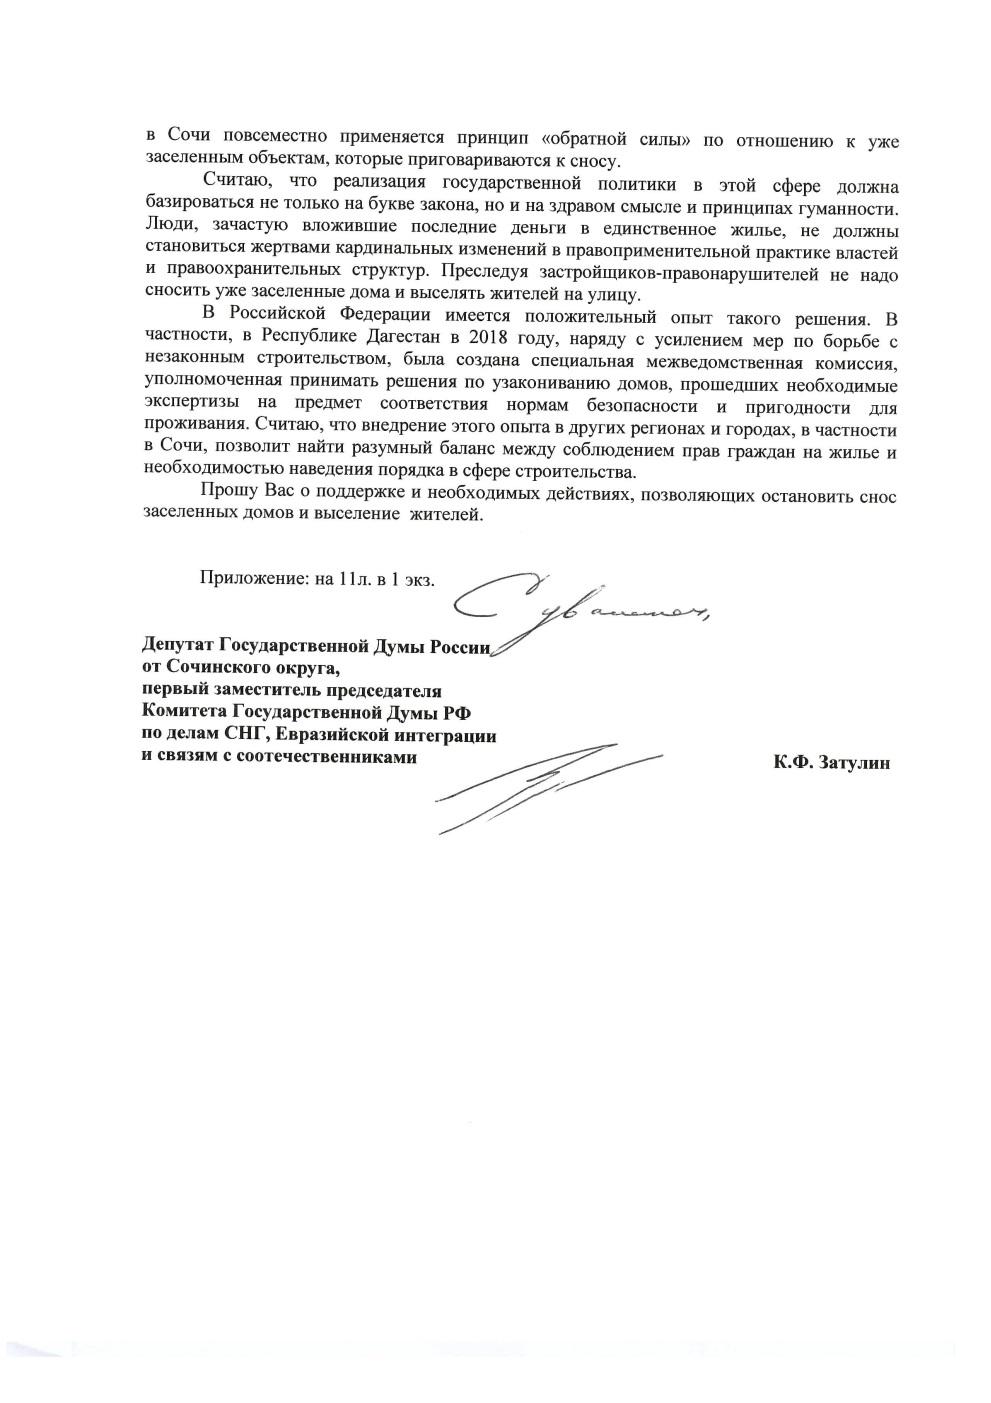 pismo-genprokuroru2